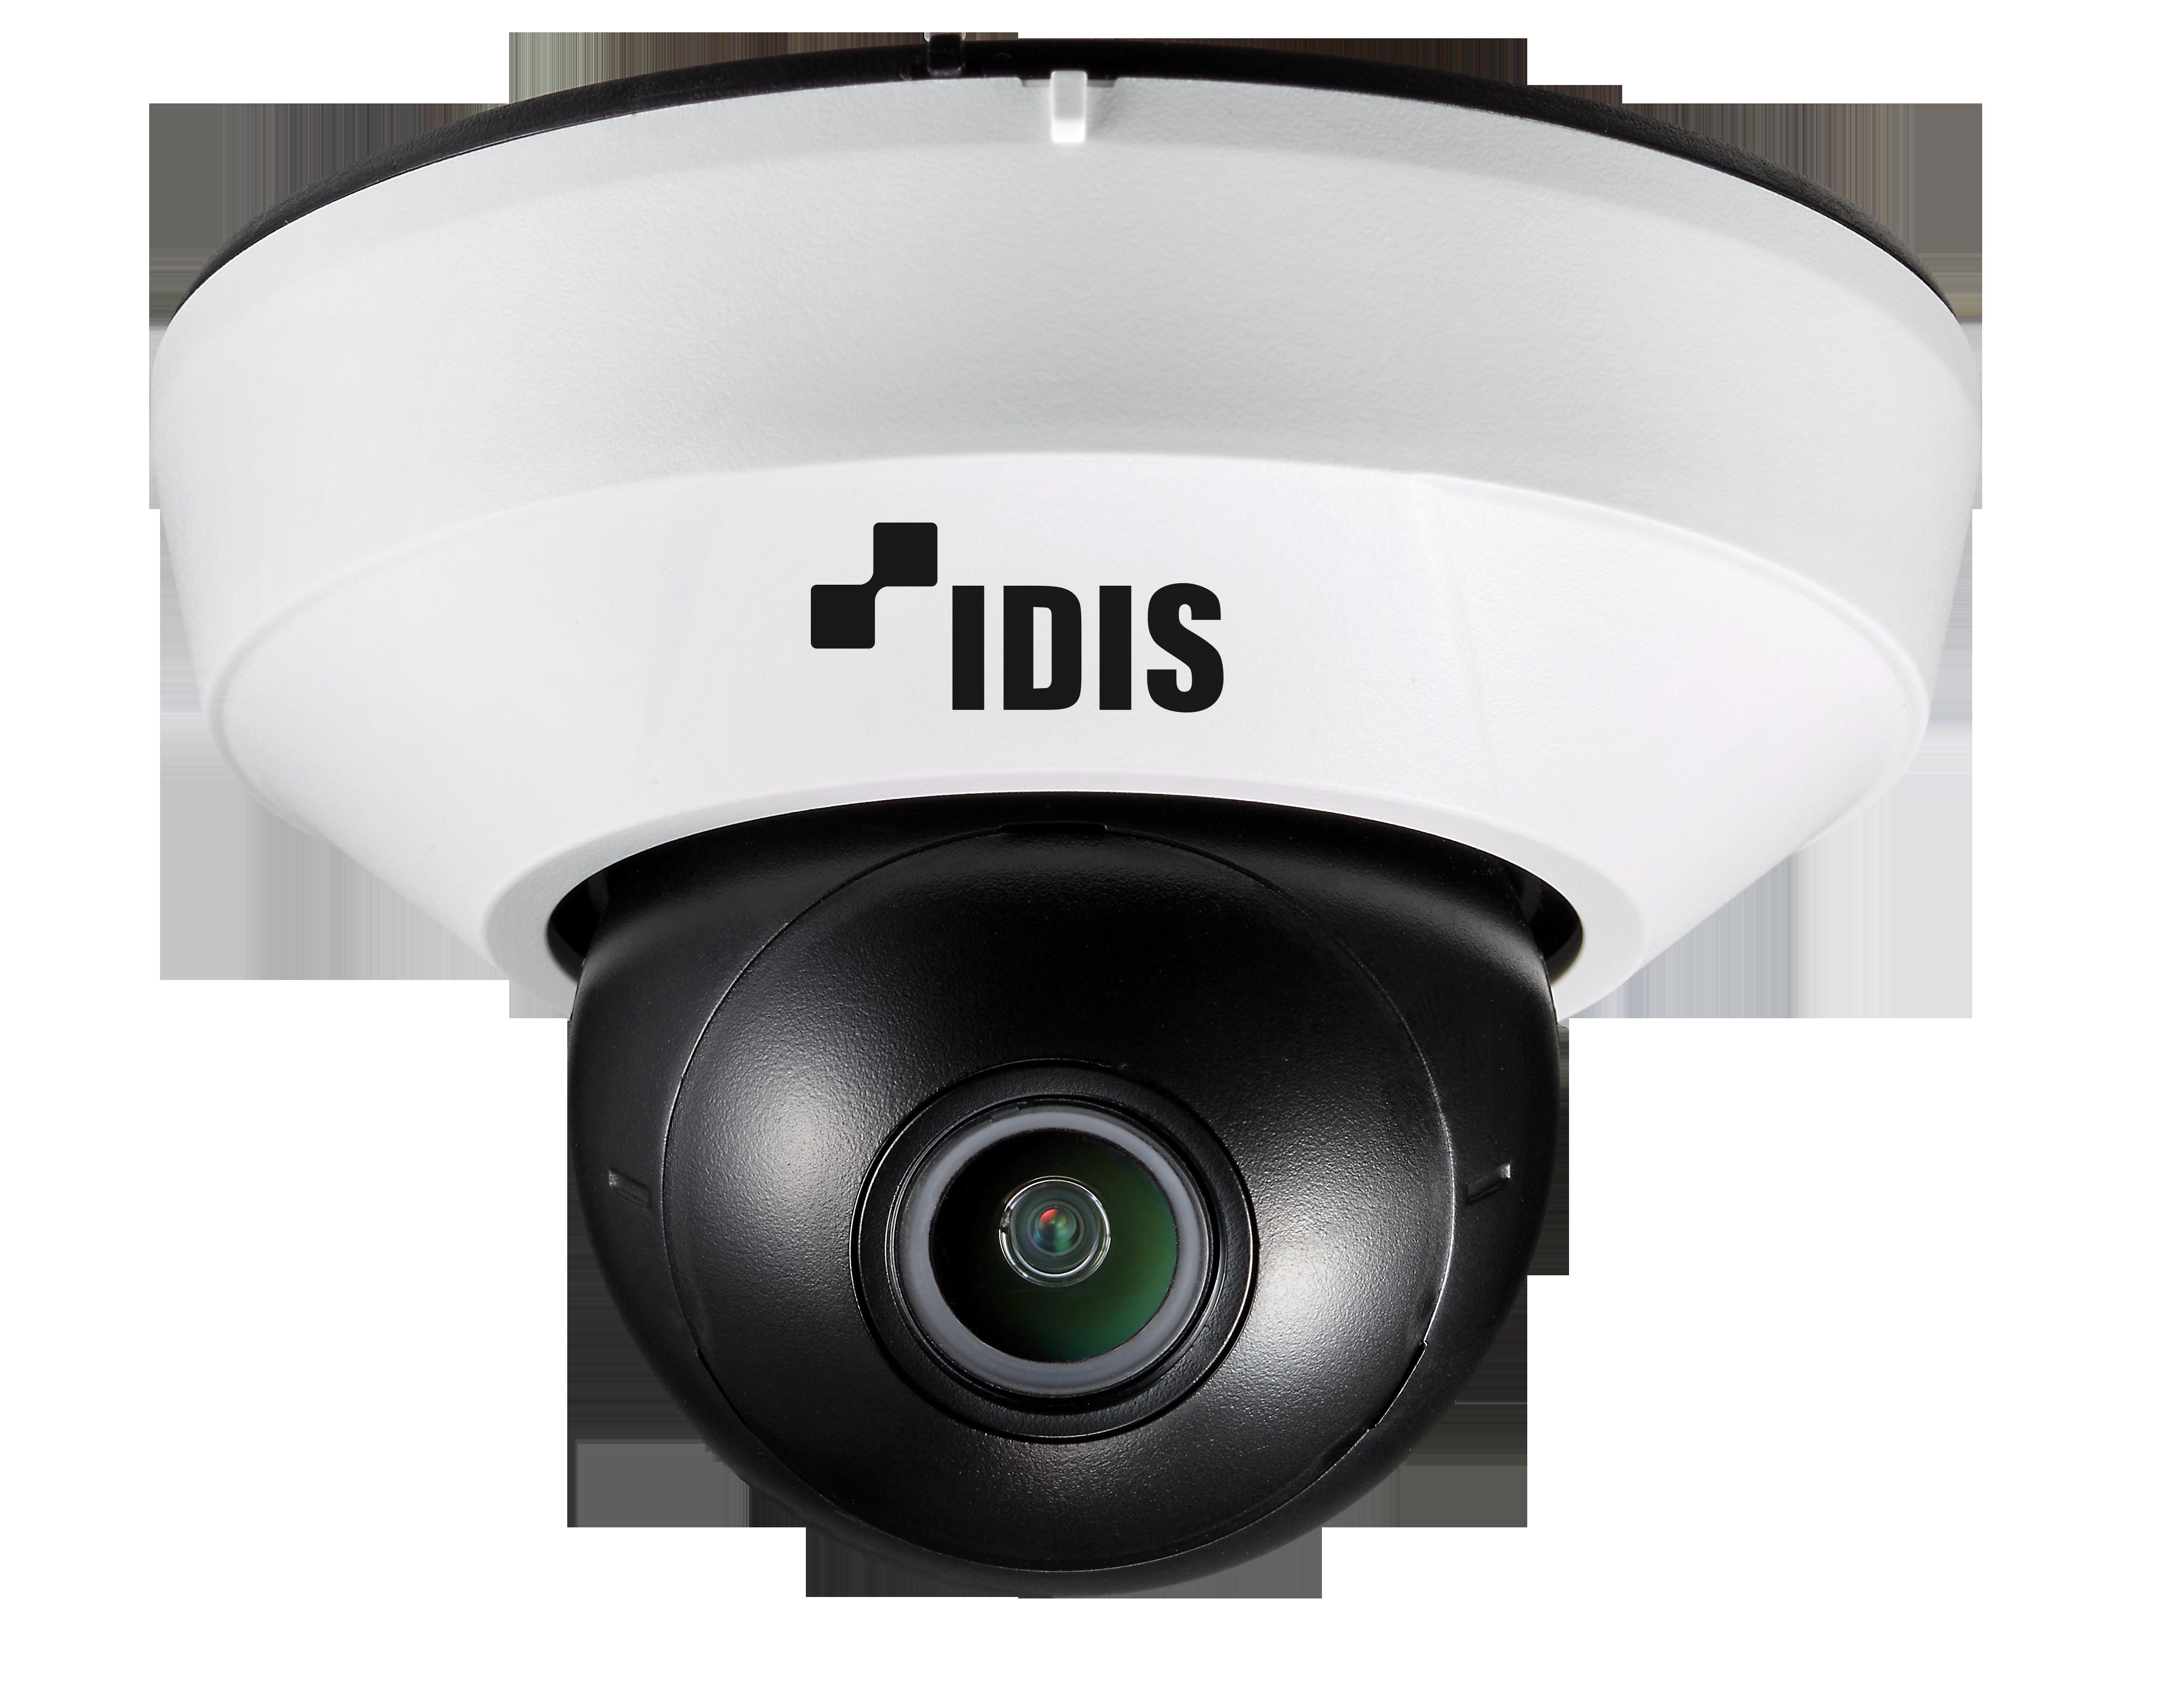 IDIS Announces 2MP Micro Dome Camera for Education Markets